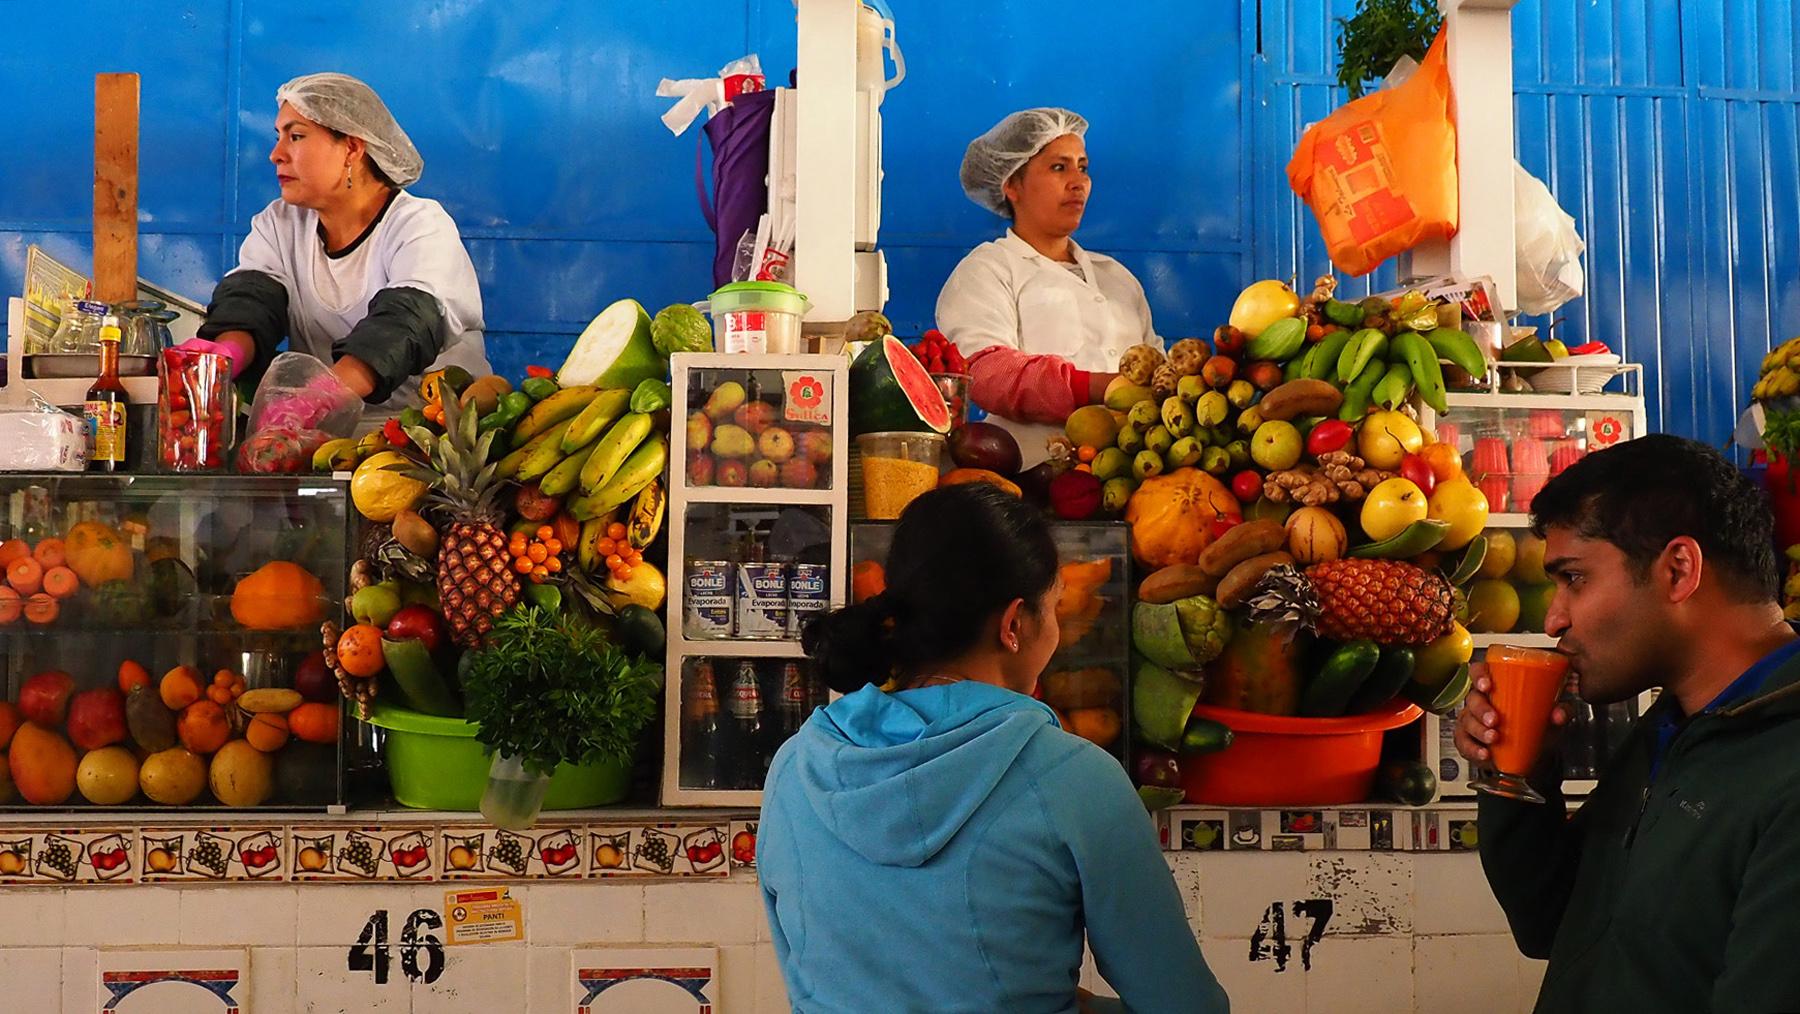 Sehr leckere Fruchtsäfte auf dem Markt